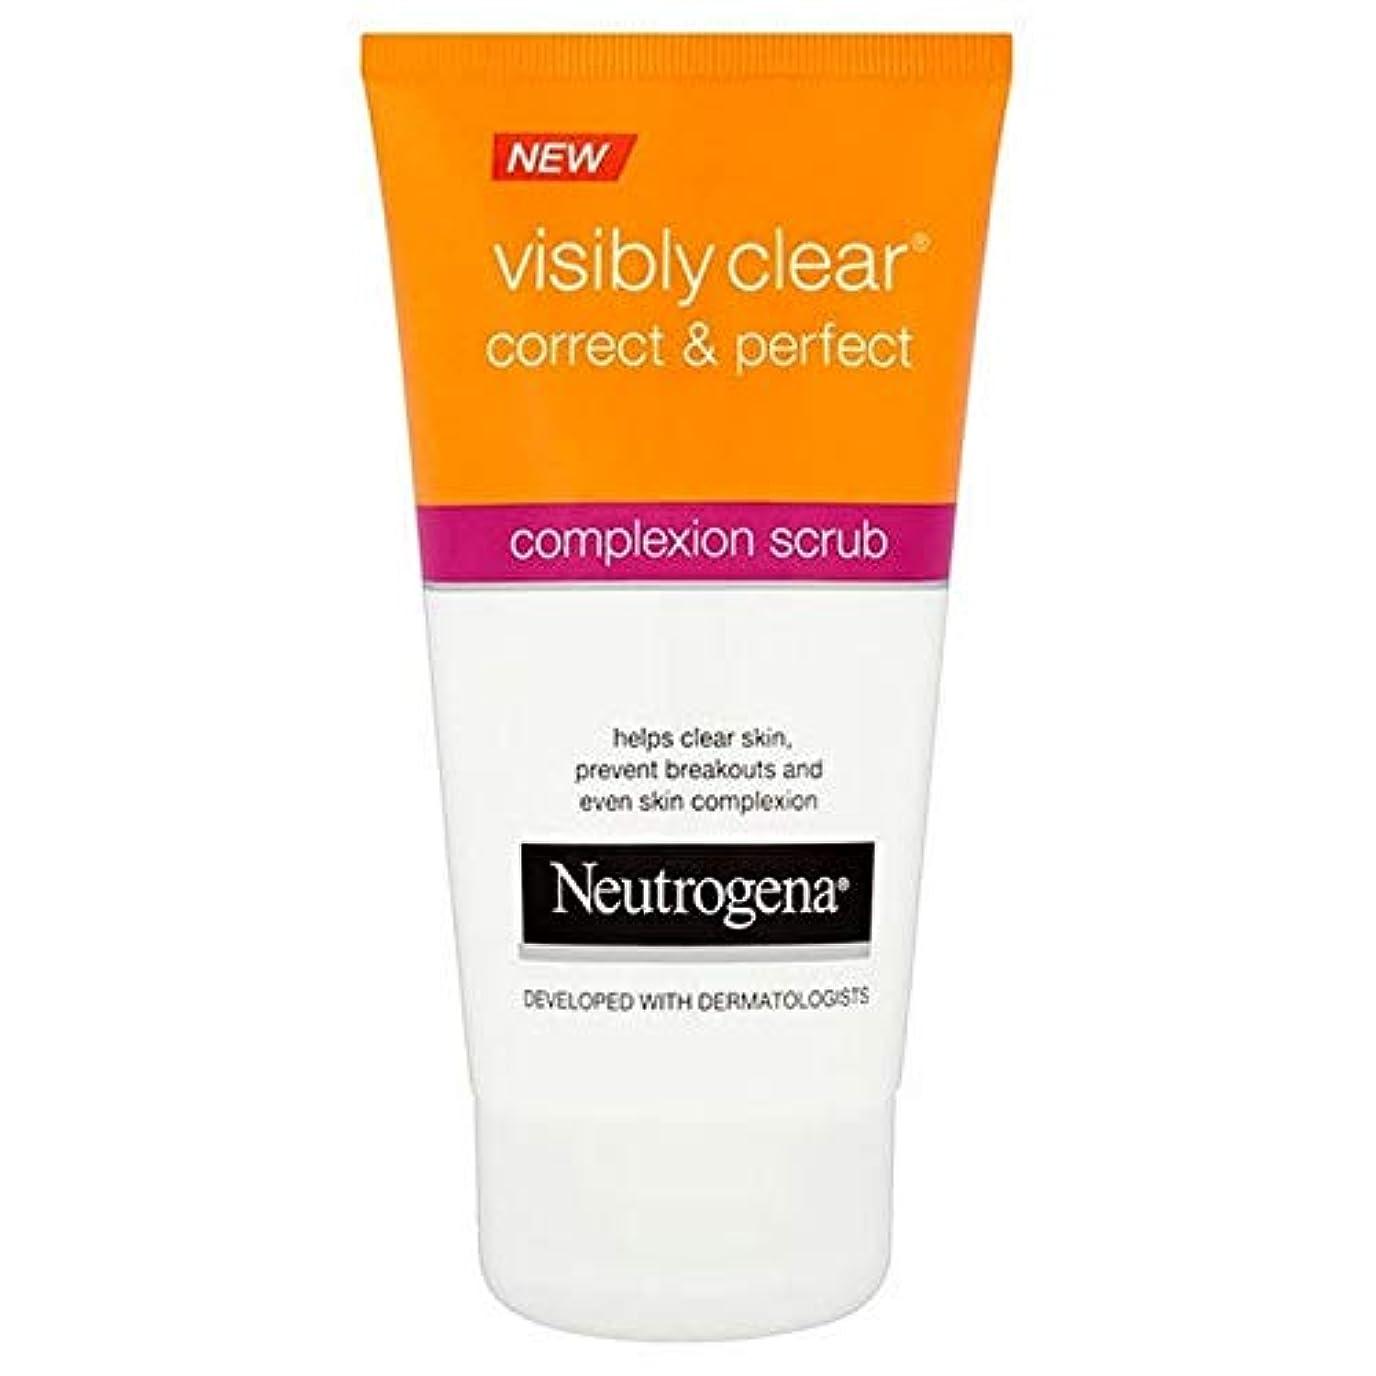 私たち適格国民投票[Neutrogena] ニュートロジーナ目に見えて明らかに正しいと完璧な顔色スクラブ - Neutrogena Visibly Clear Correct & Perfect Complexion Scrub [並行輸入品]